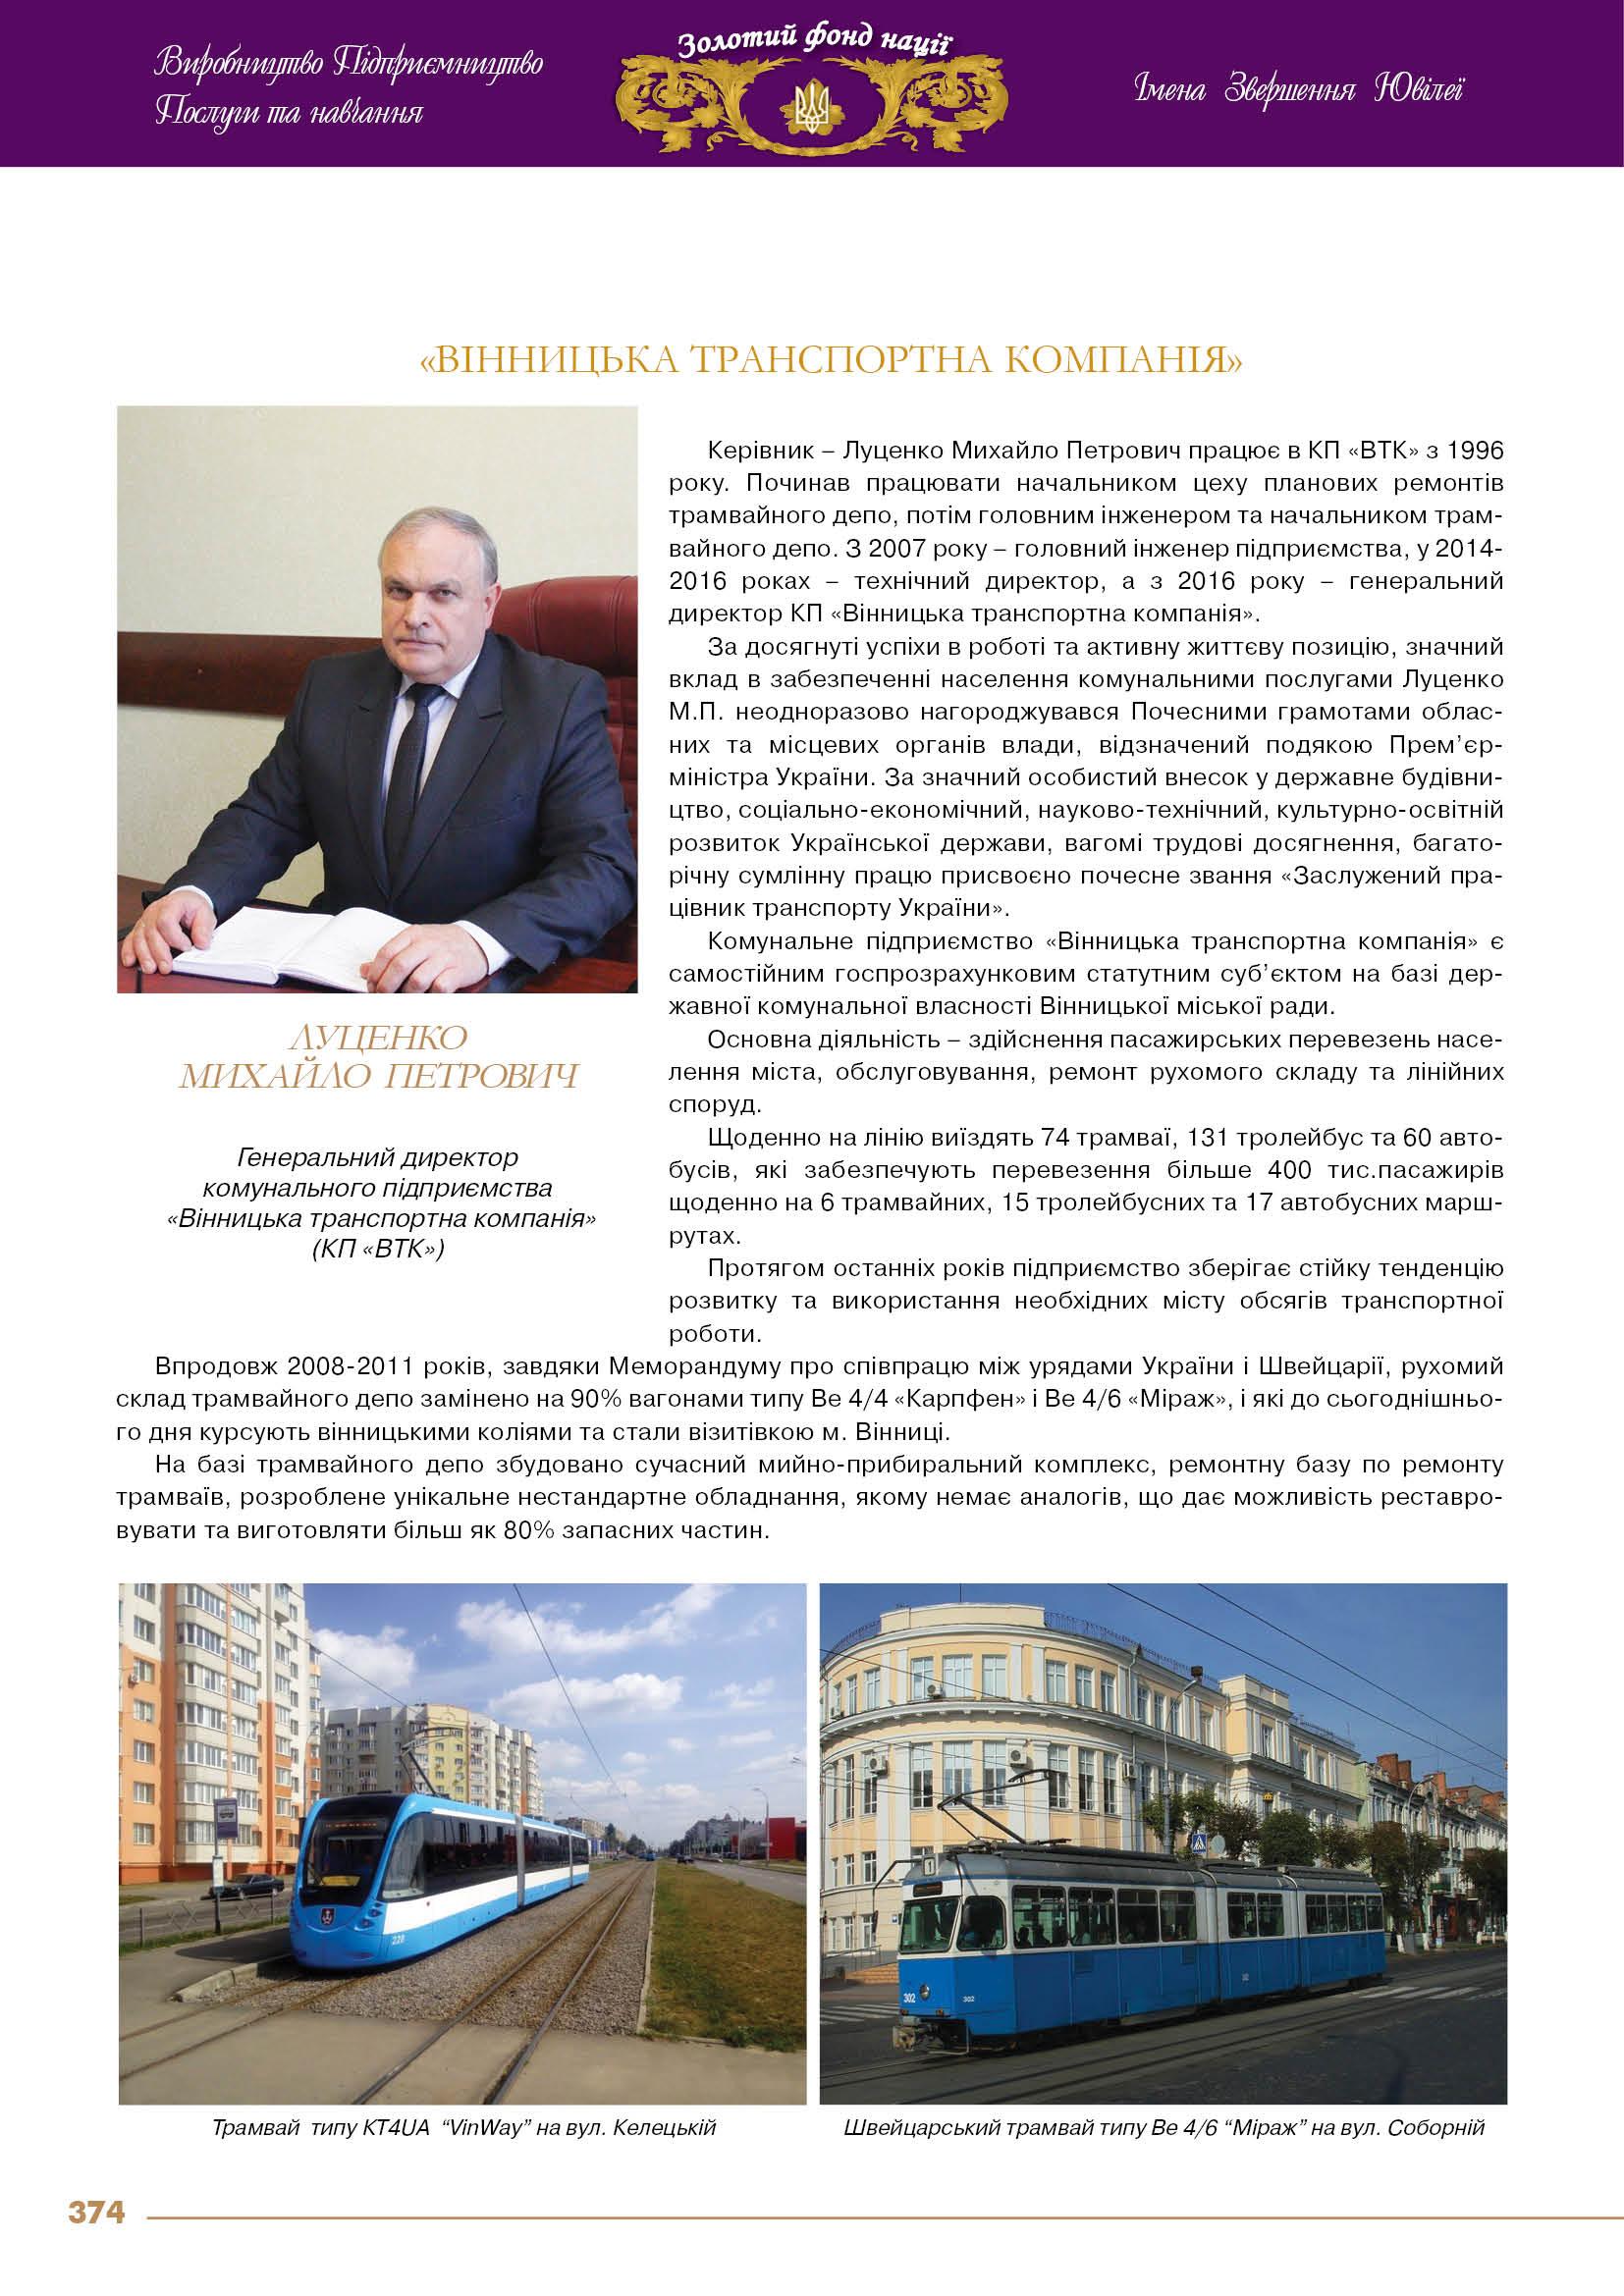 Луценко  Михайло  Петрович